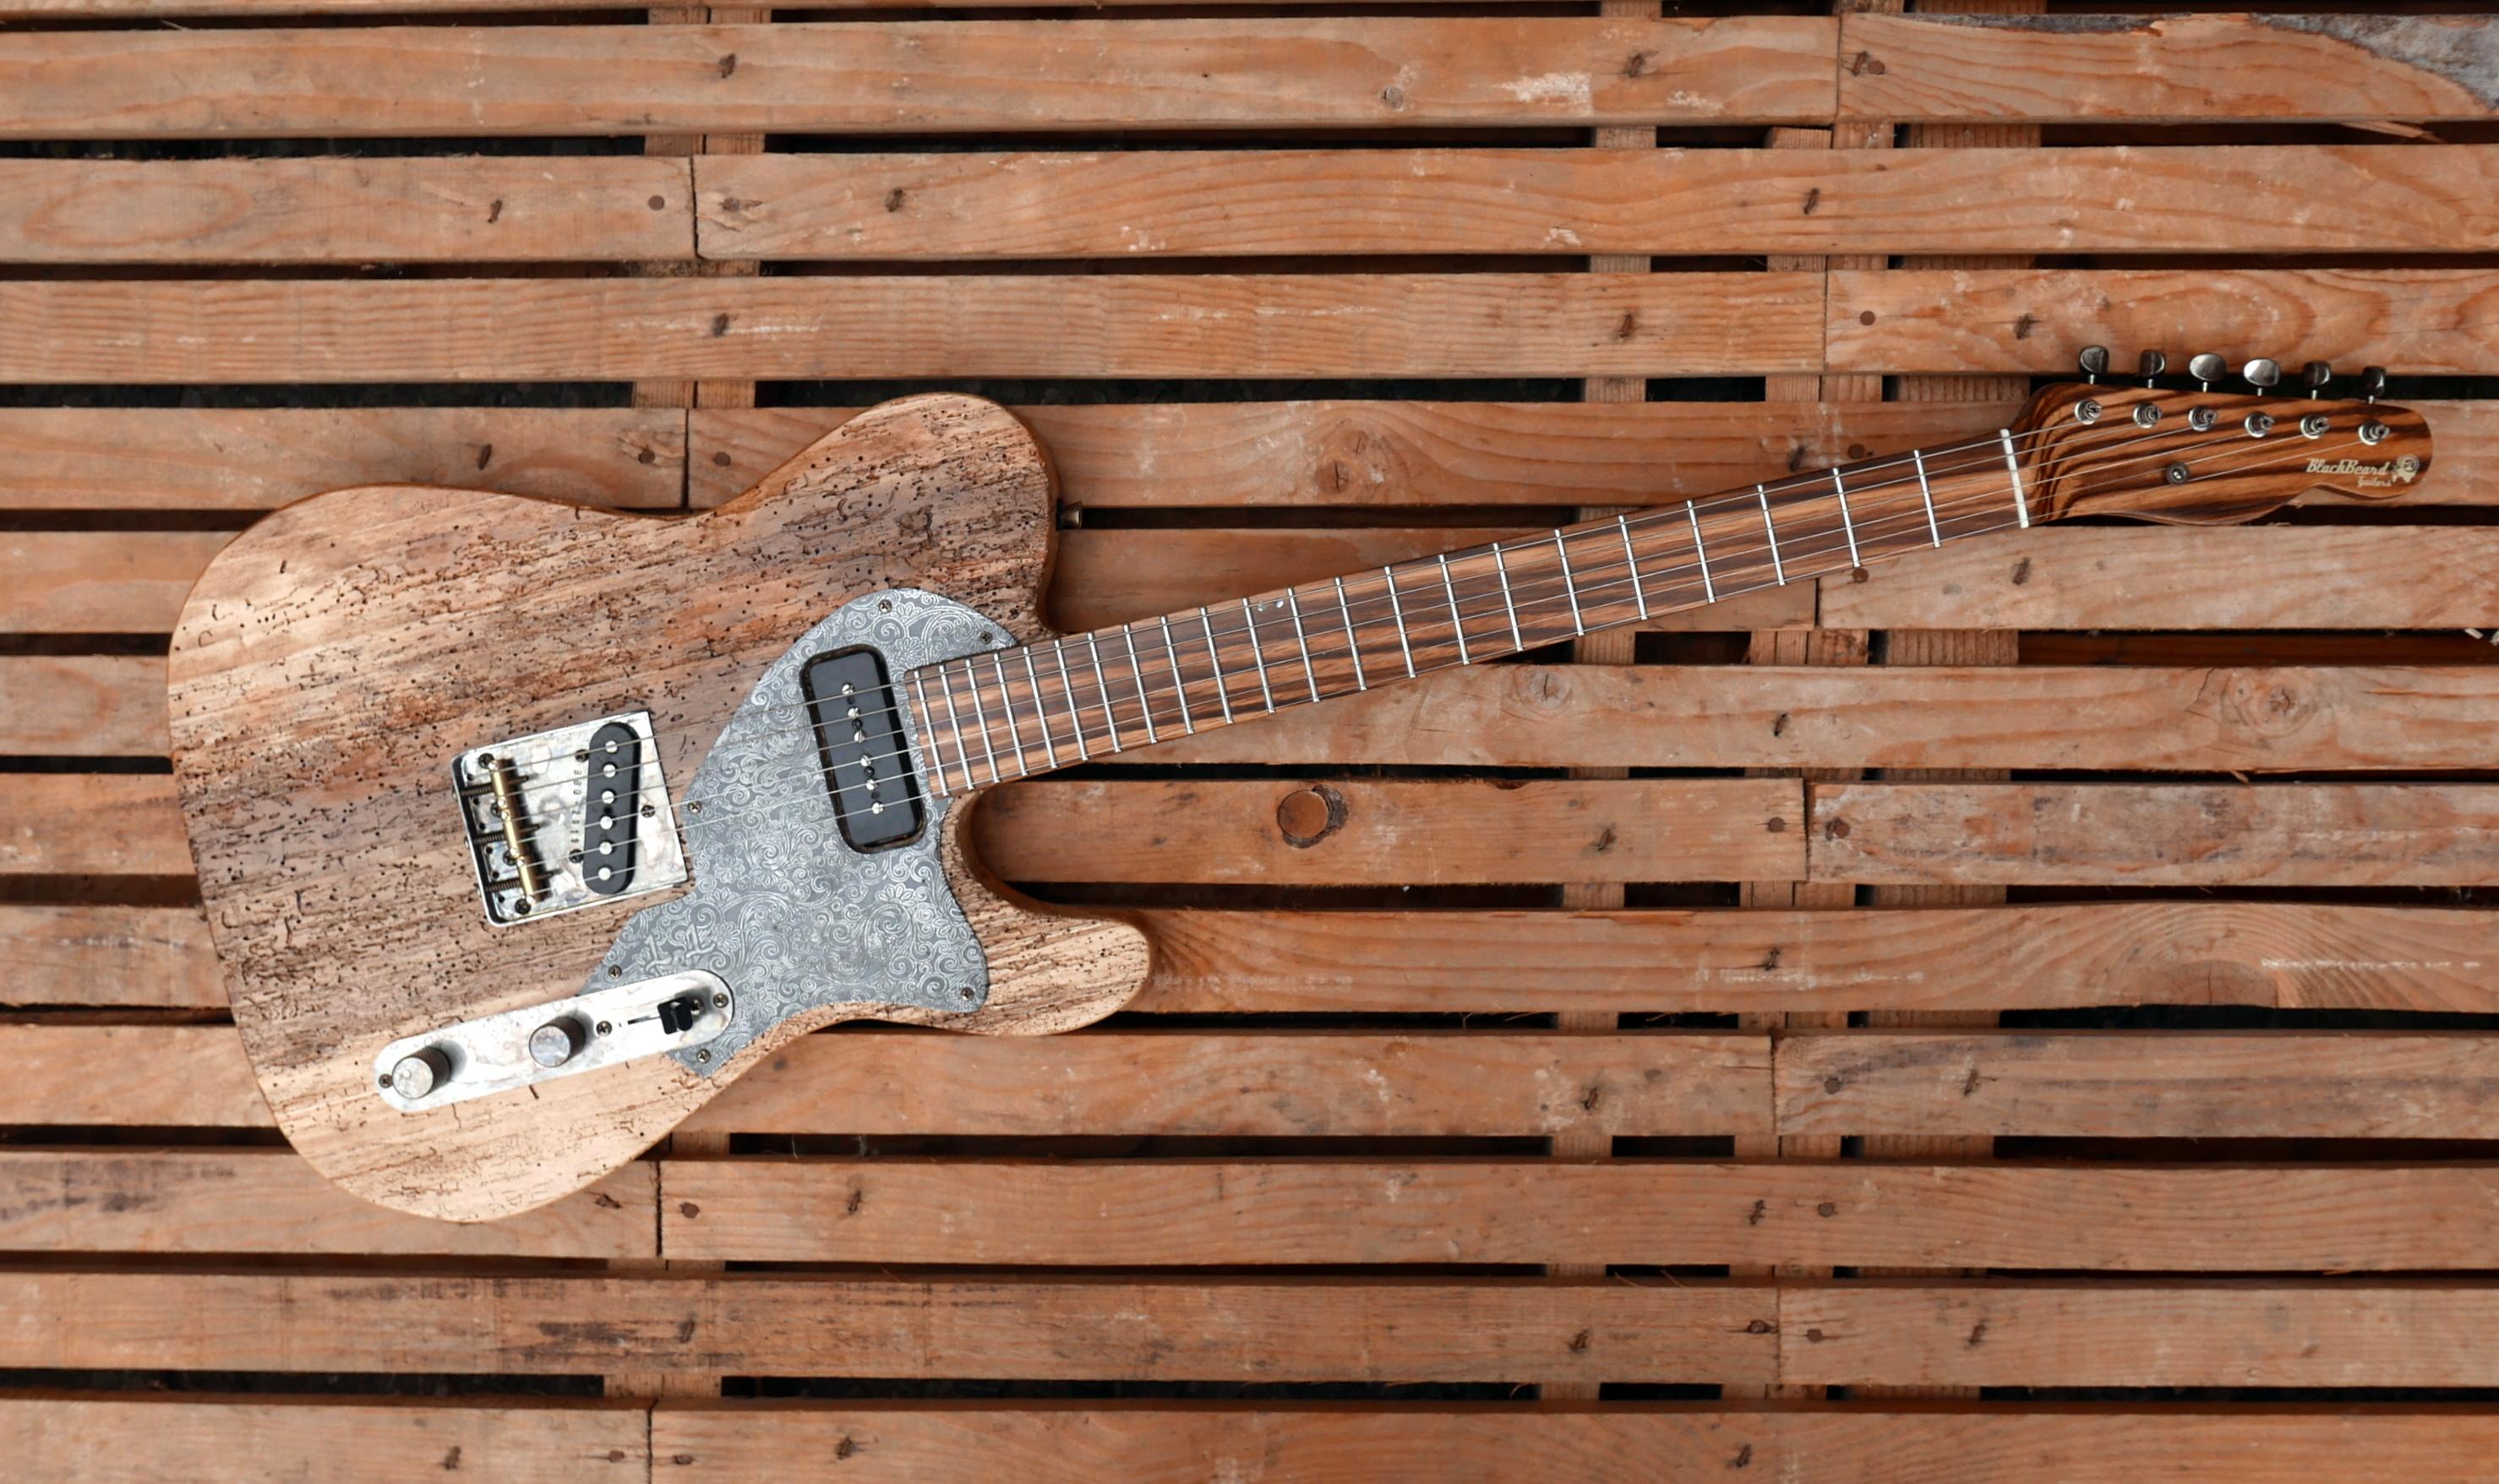 chitarra telecaster vista dall'alto